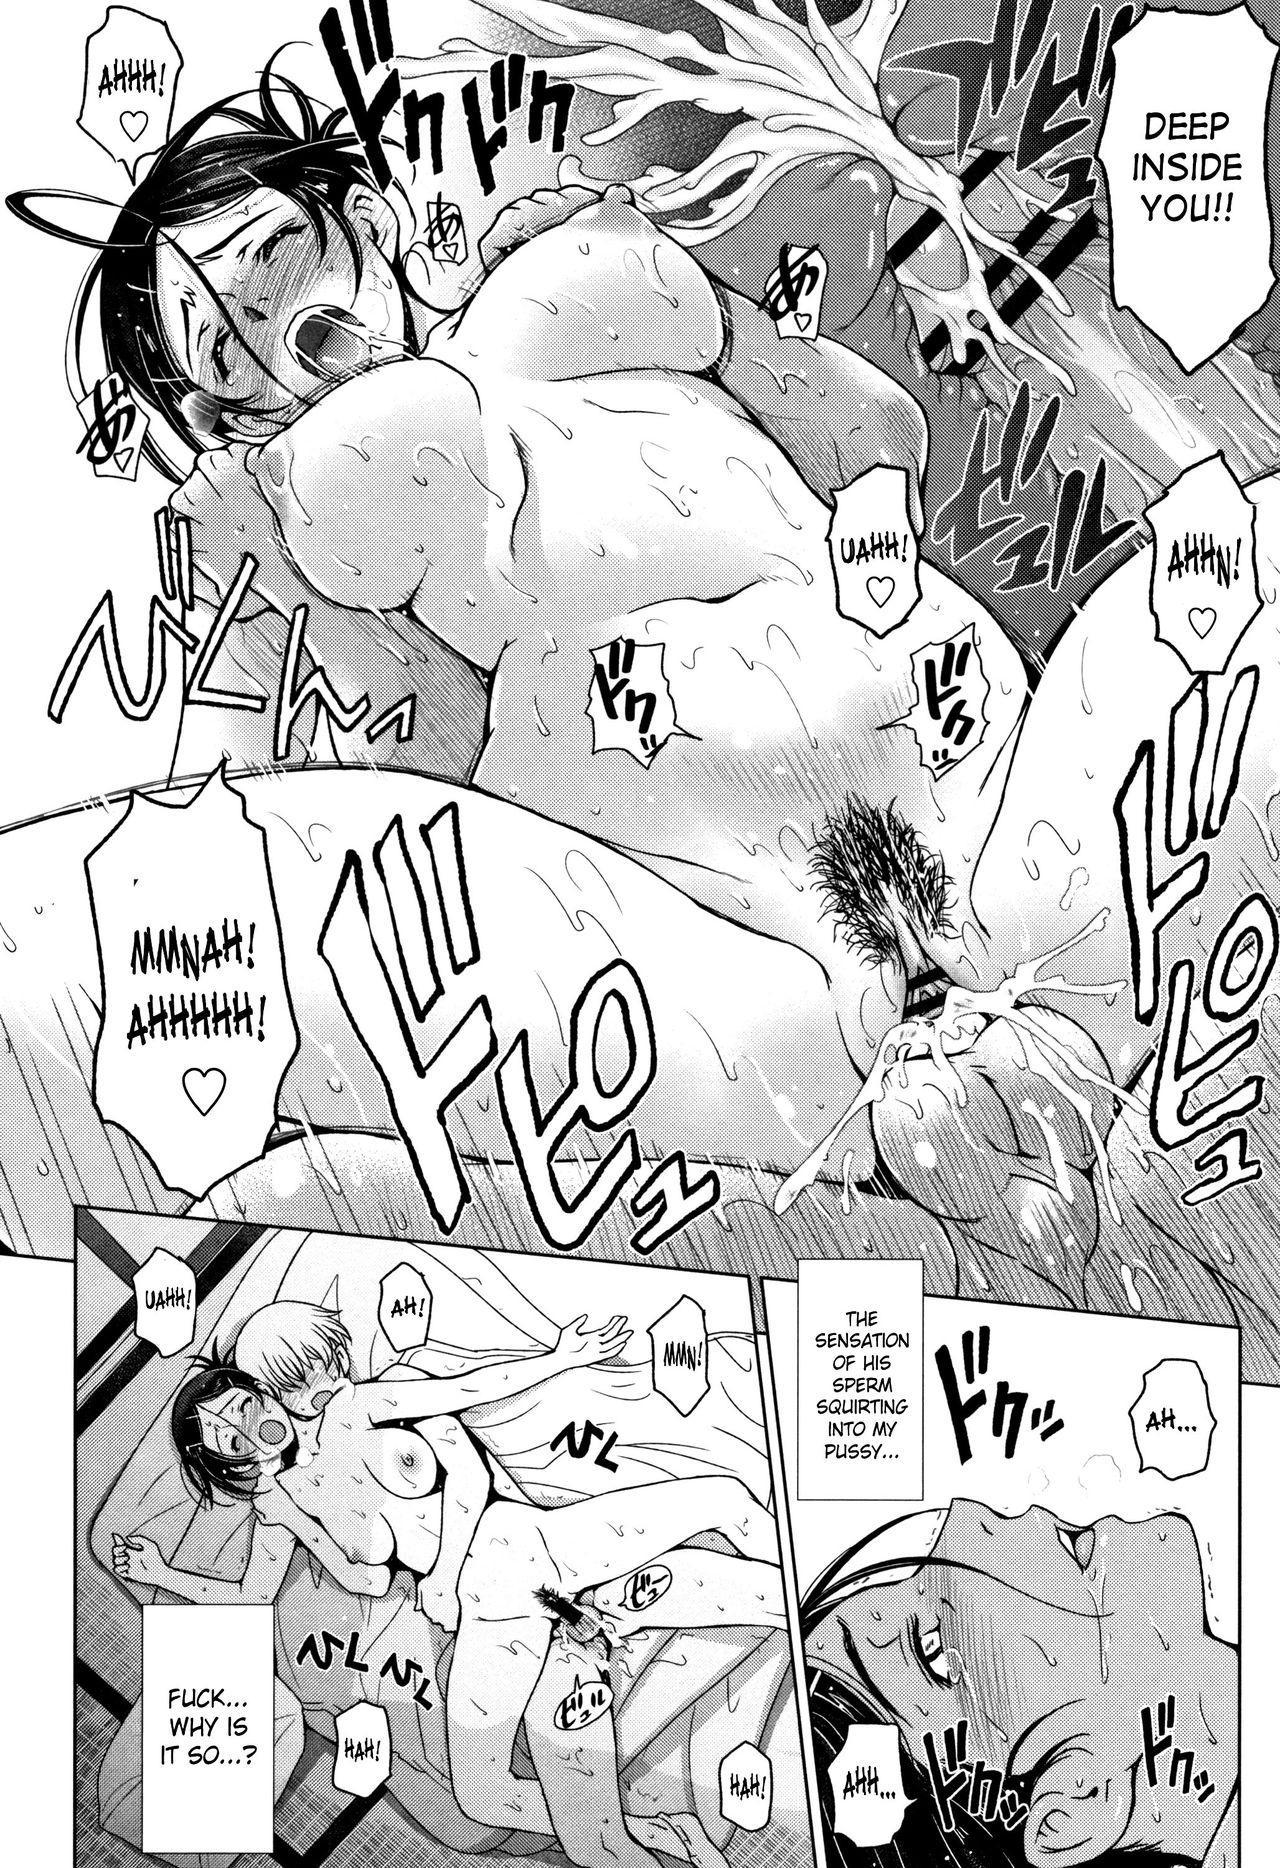 [Sena Youtarou] Natsu-jiru ~Ase ni Mamirete Gucchagucha~ Ch. 2-10 [English] [SaHa + Team Koinaka] 119